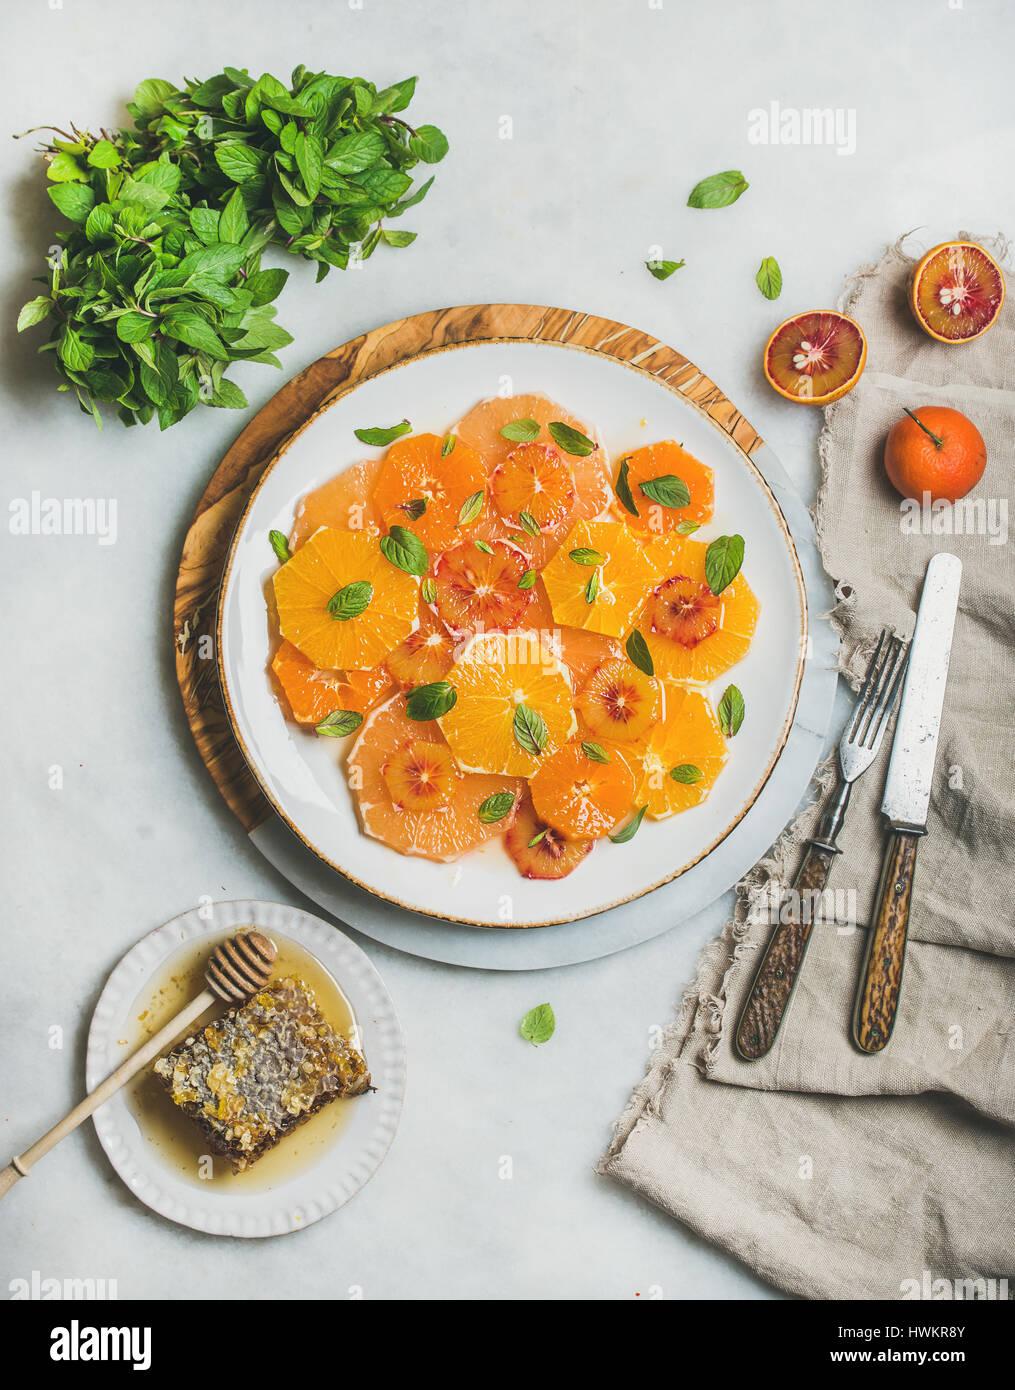 Vegan fresche di agrumi misti insalata di frutta con menta e miele Immagini Stock